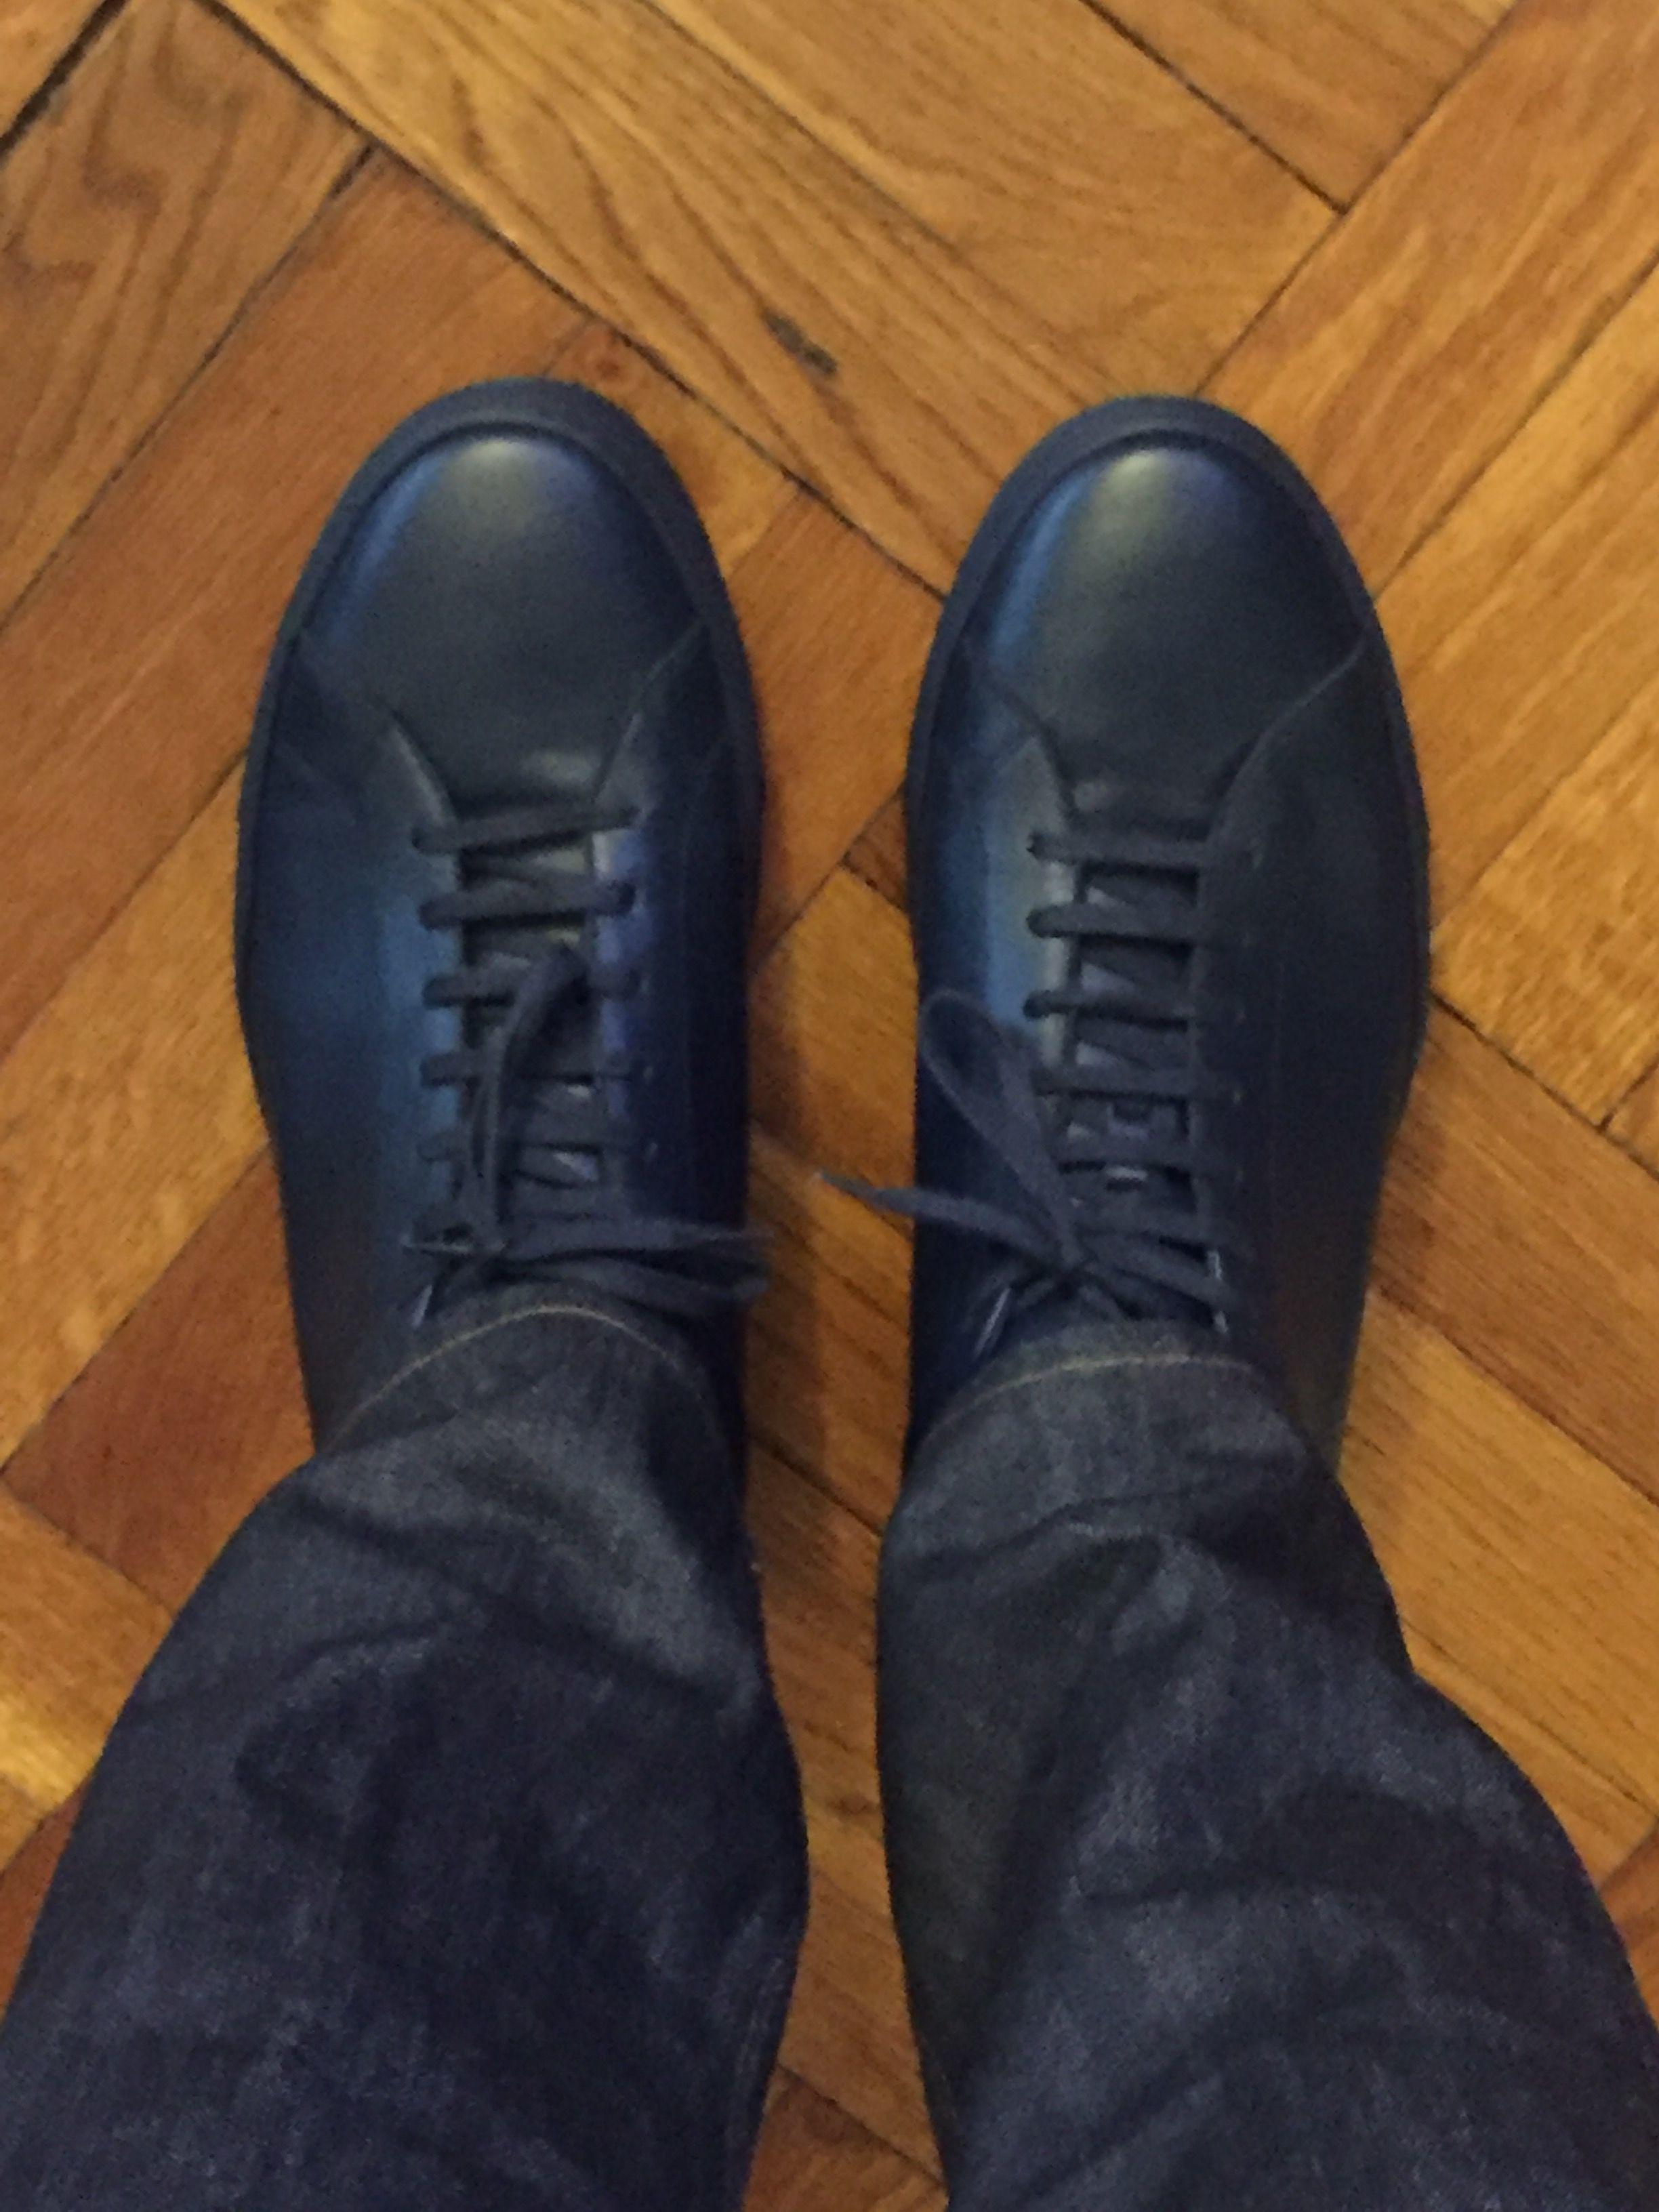 mljs54's photos in The definitive SF-approved non-baller sneaker thread